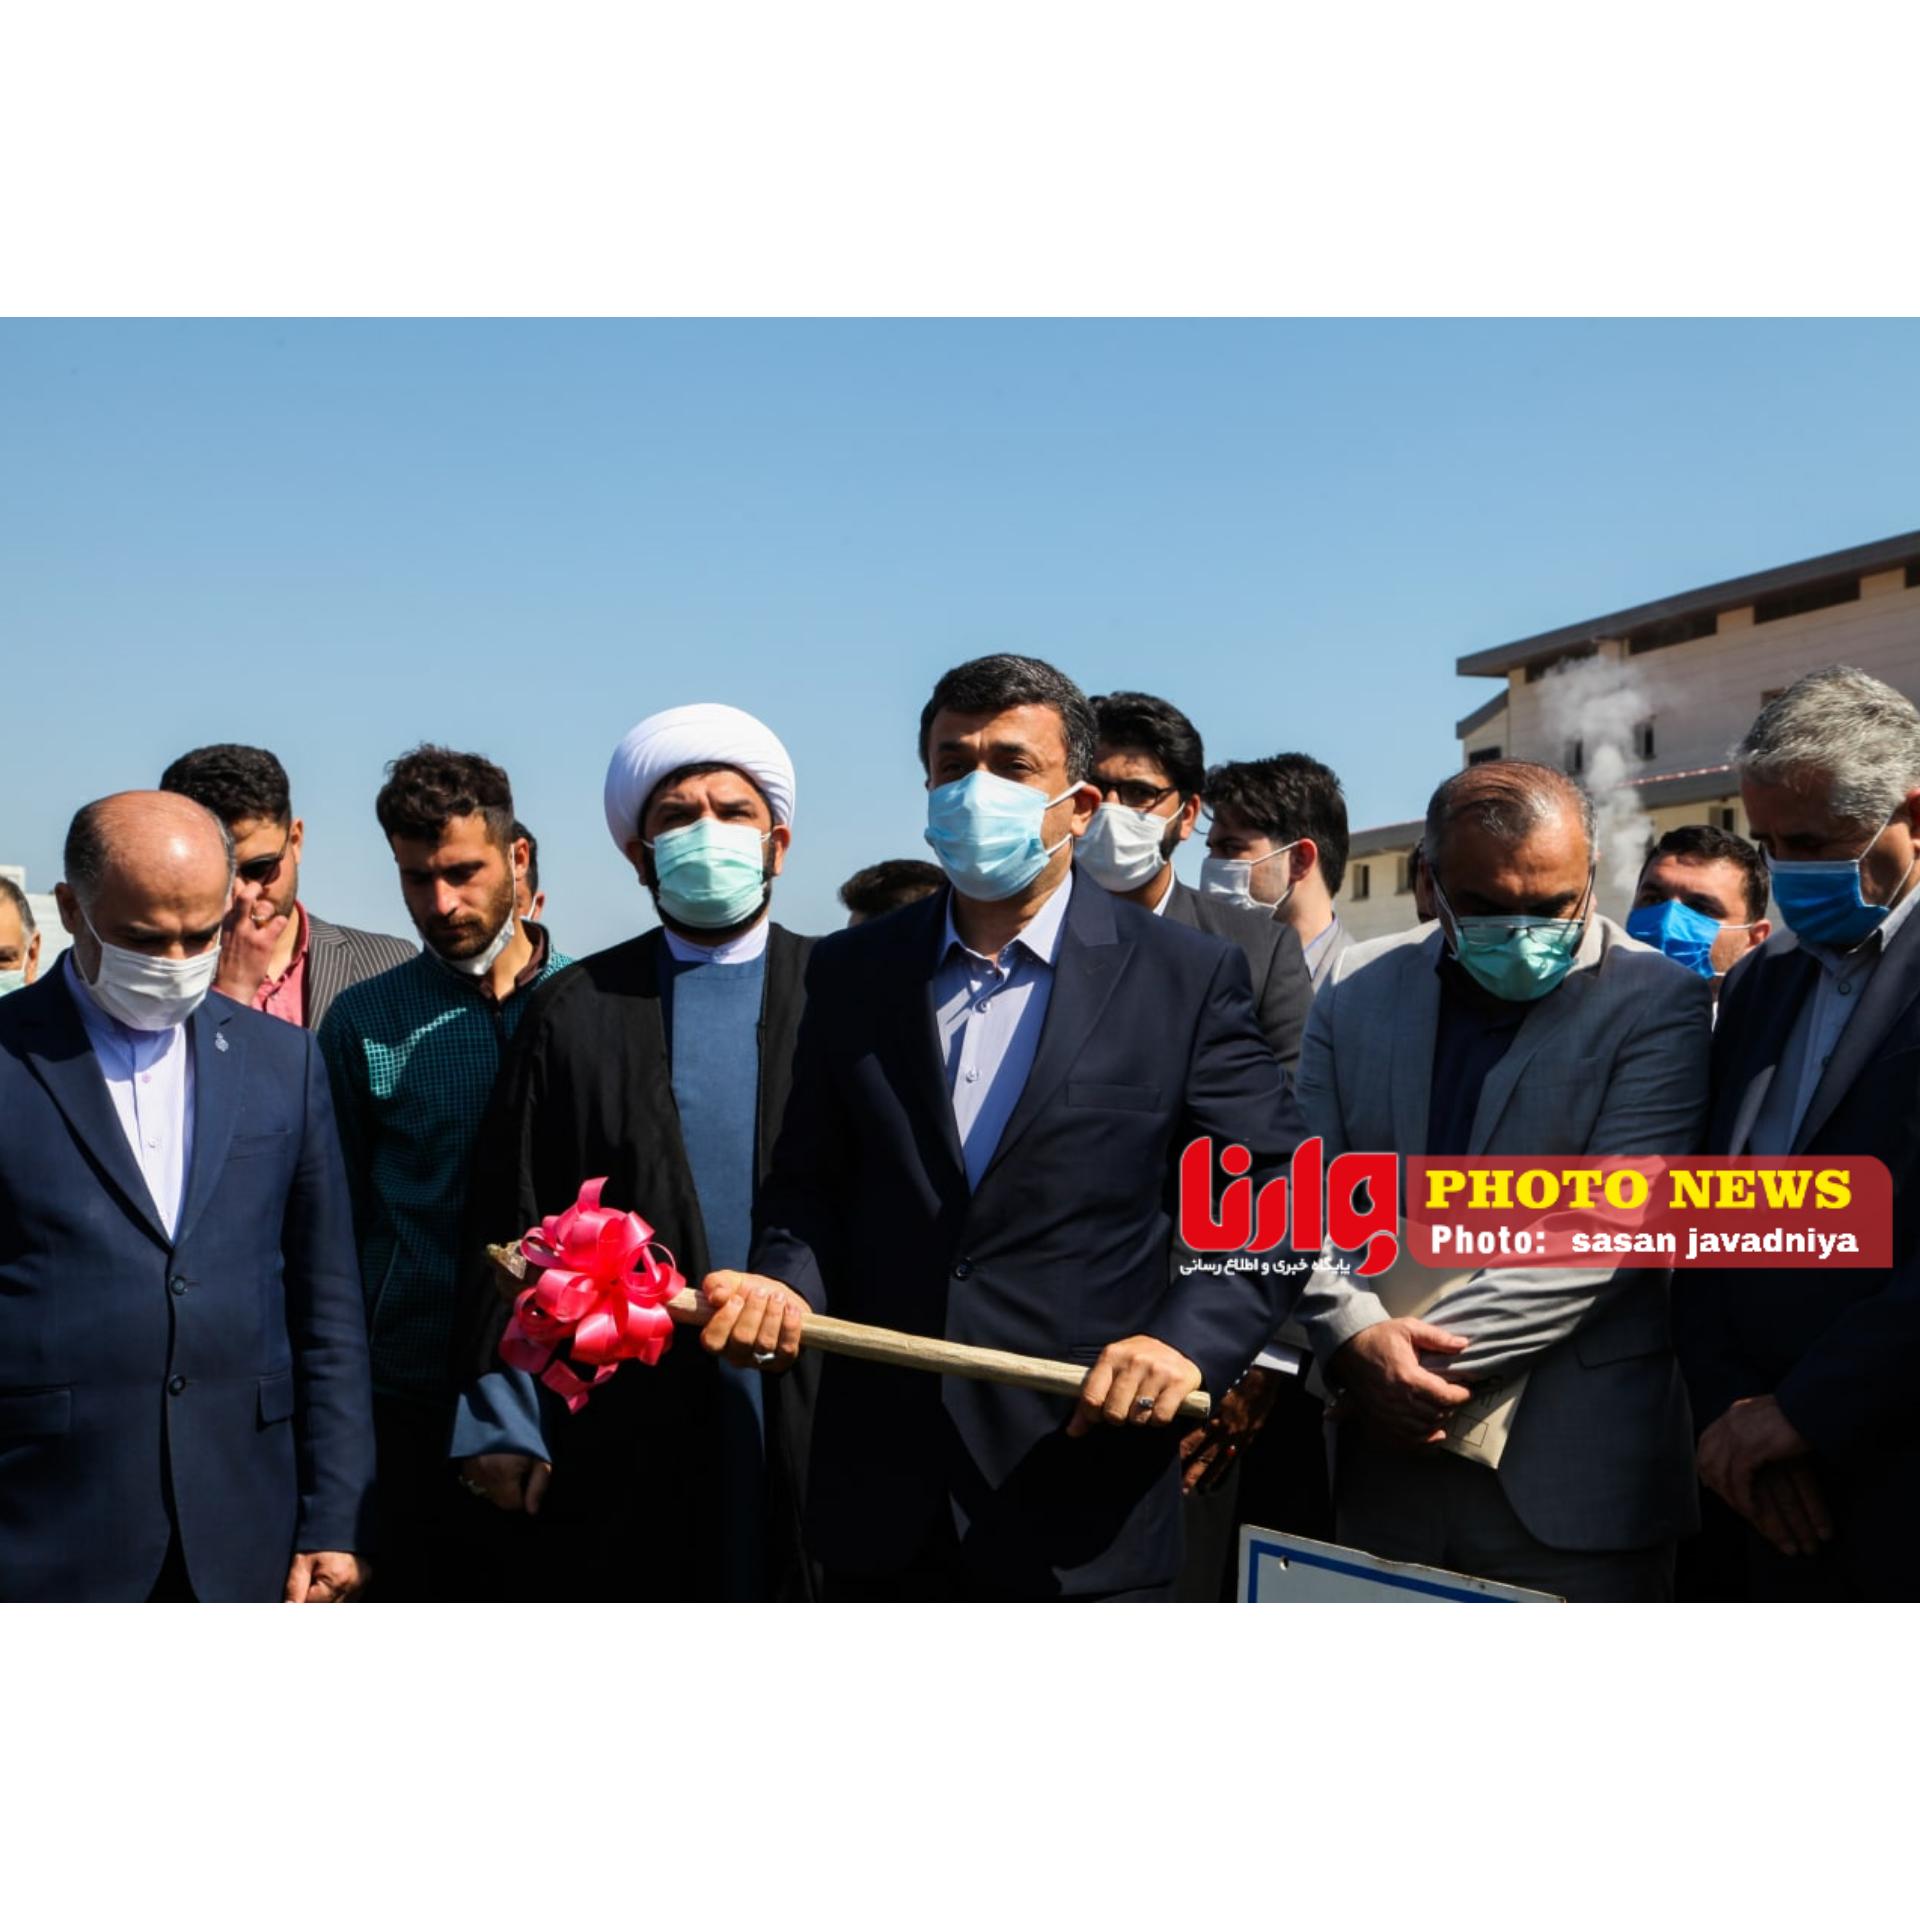 گزارش تصویری مراسم کلنگ زنی بخش تخصصی و جراحی قلب غرب گیلان در بیمارستان شهید نورانی شهرستان تالش